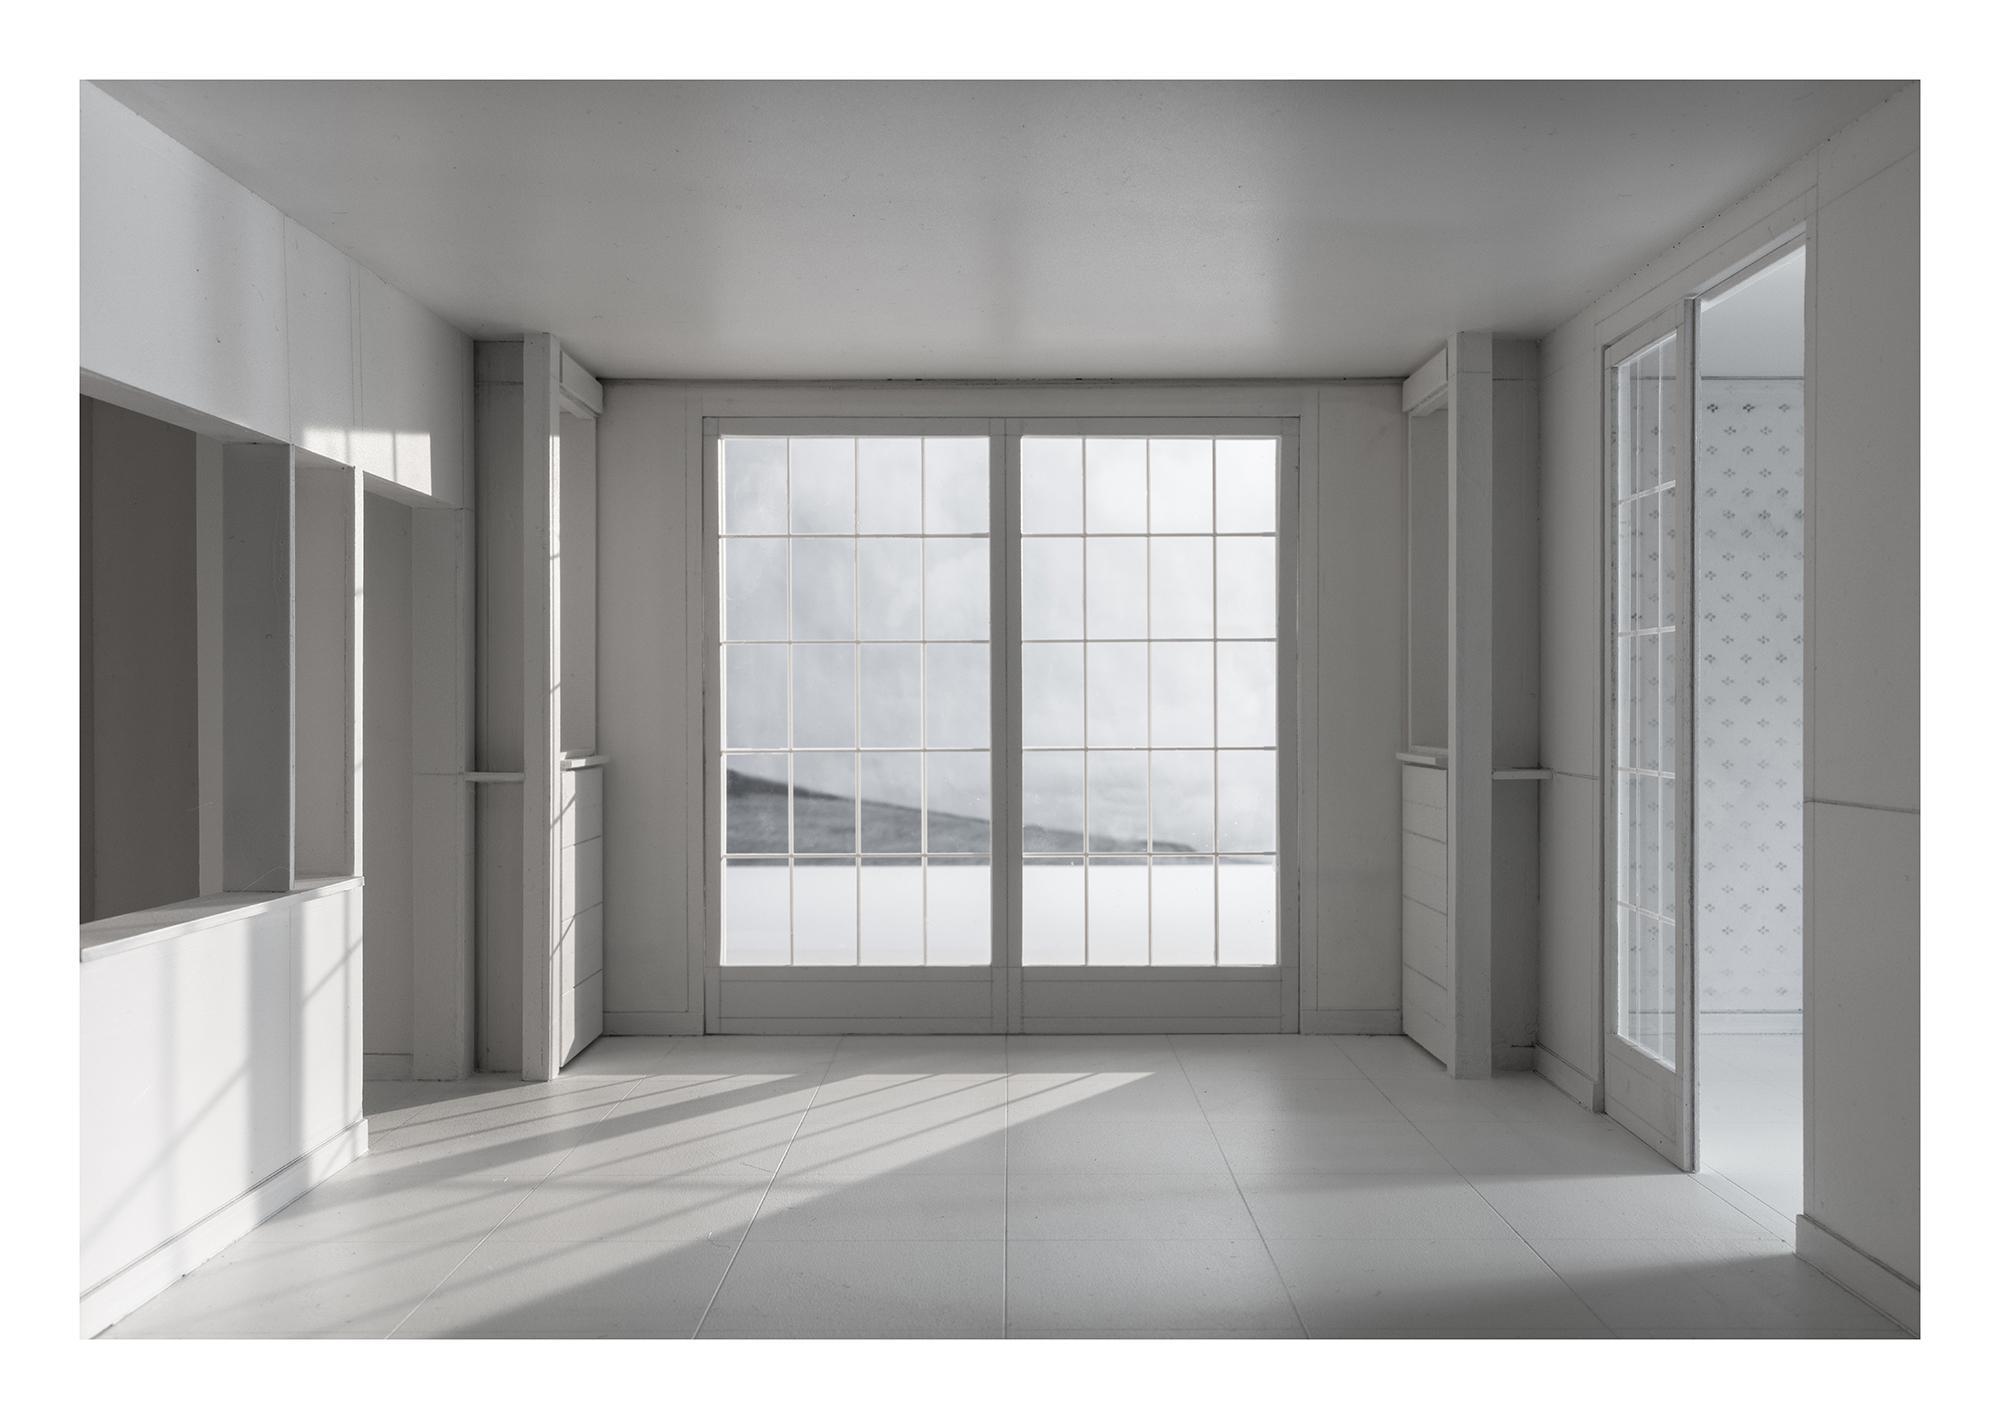 L.h.dc-1 Dom-ino. 1914. Le Corbusier. Impresión digital, papel algodón Hahnemühle. 120X174cm. Edición 5+2 P.A.